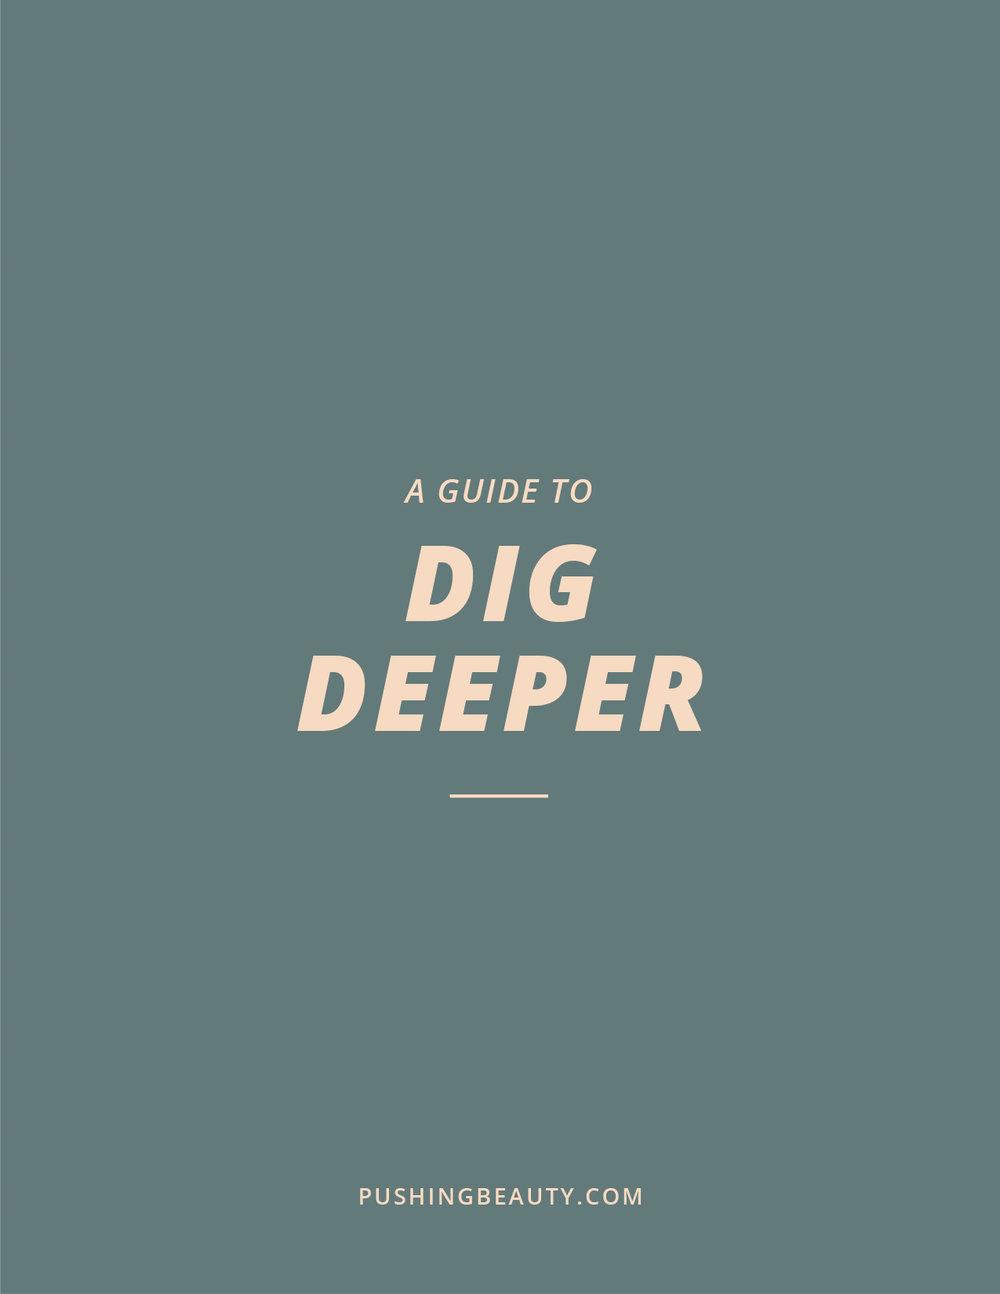 dig_deeper_guide-1.jpg